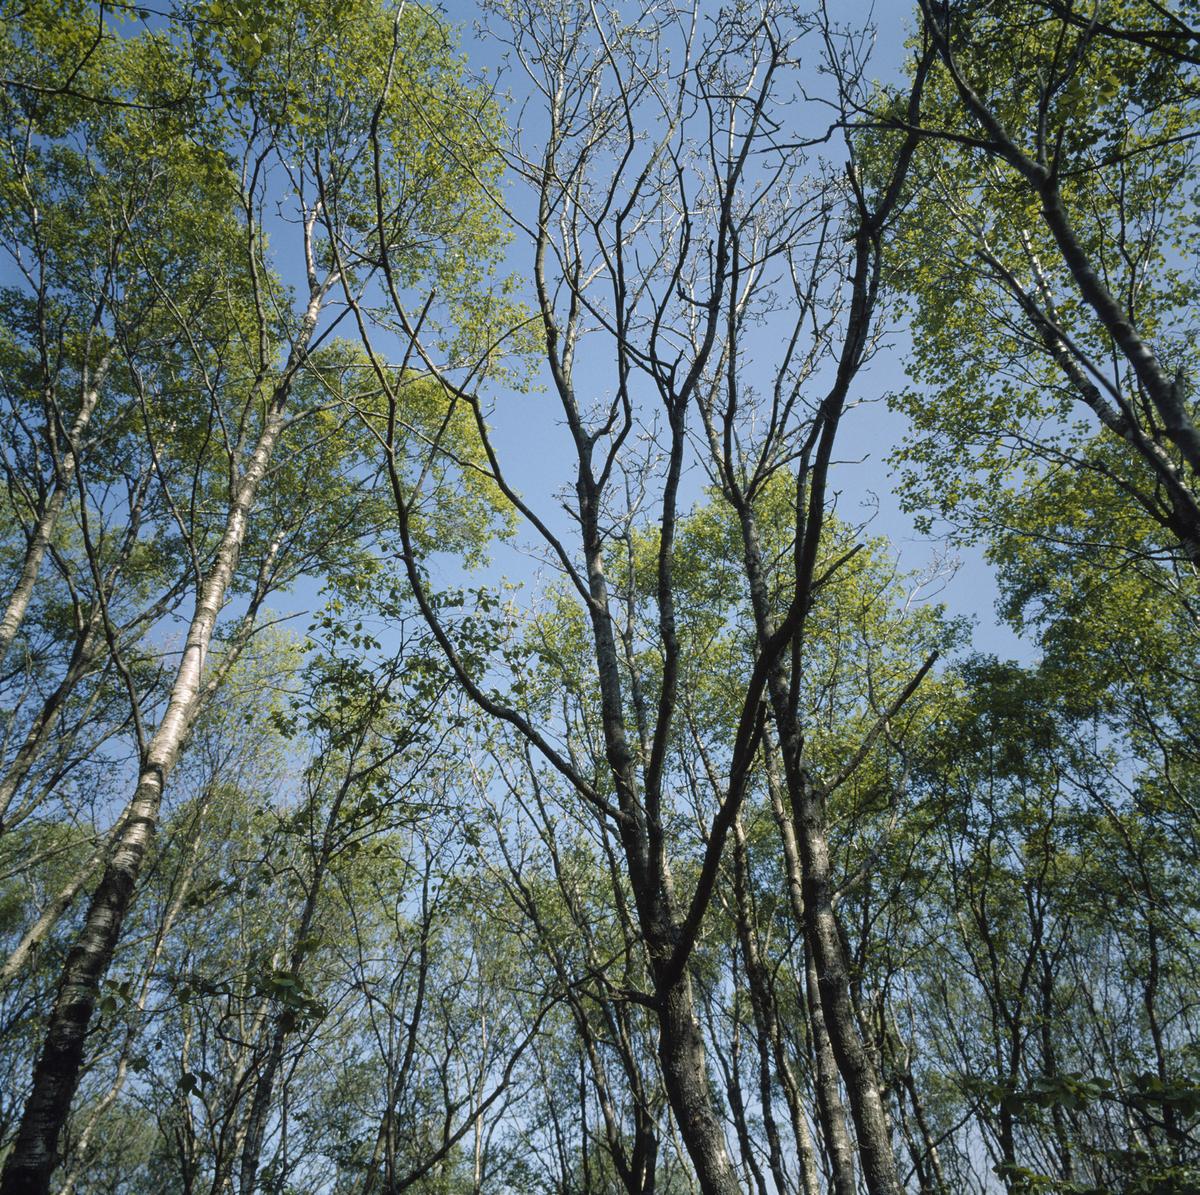 Løvskog i mai (vår), trekroner.